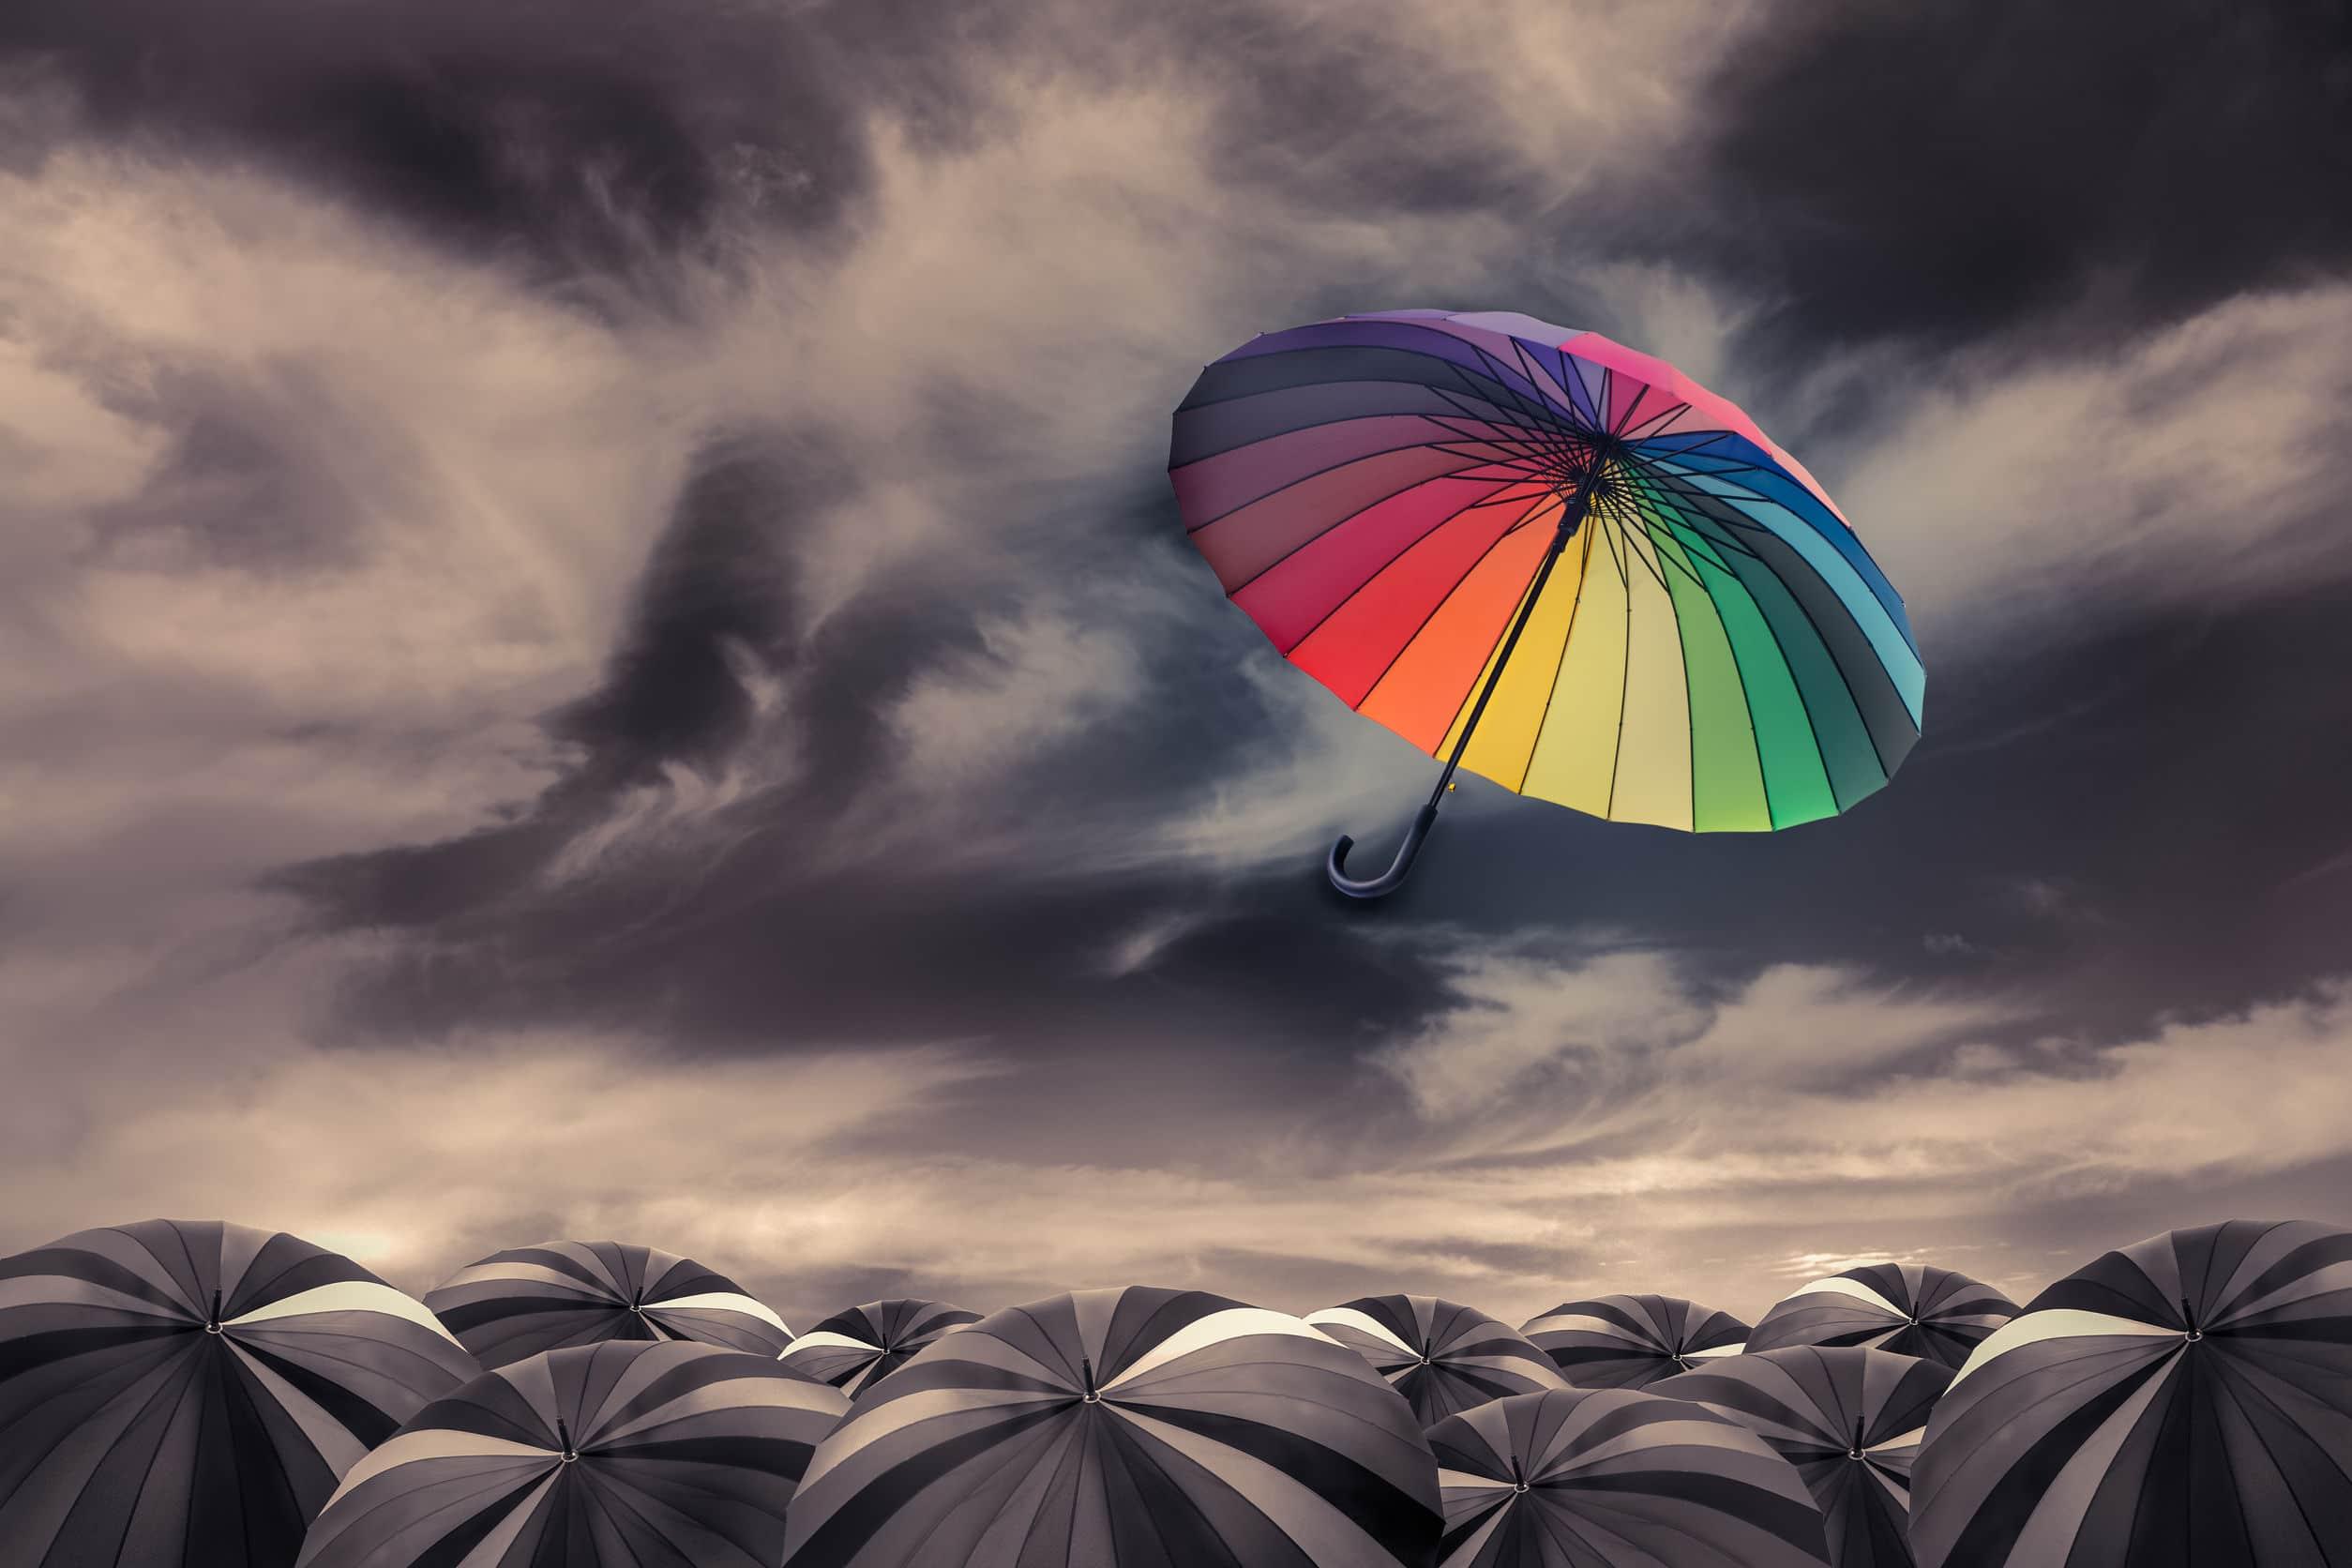 Guarda-chuva colorido voando sobre guarda-chuvas escuro.